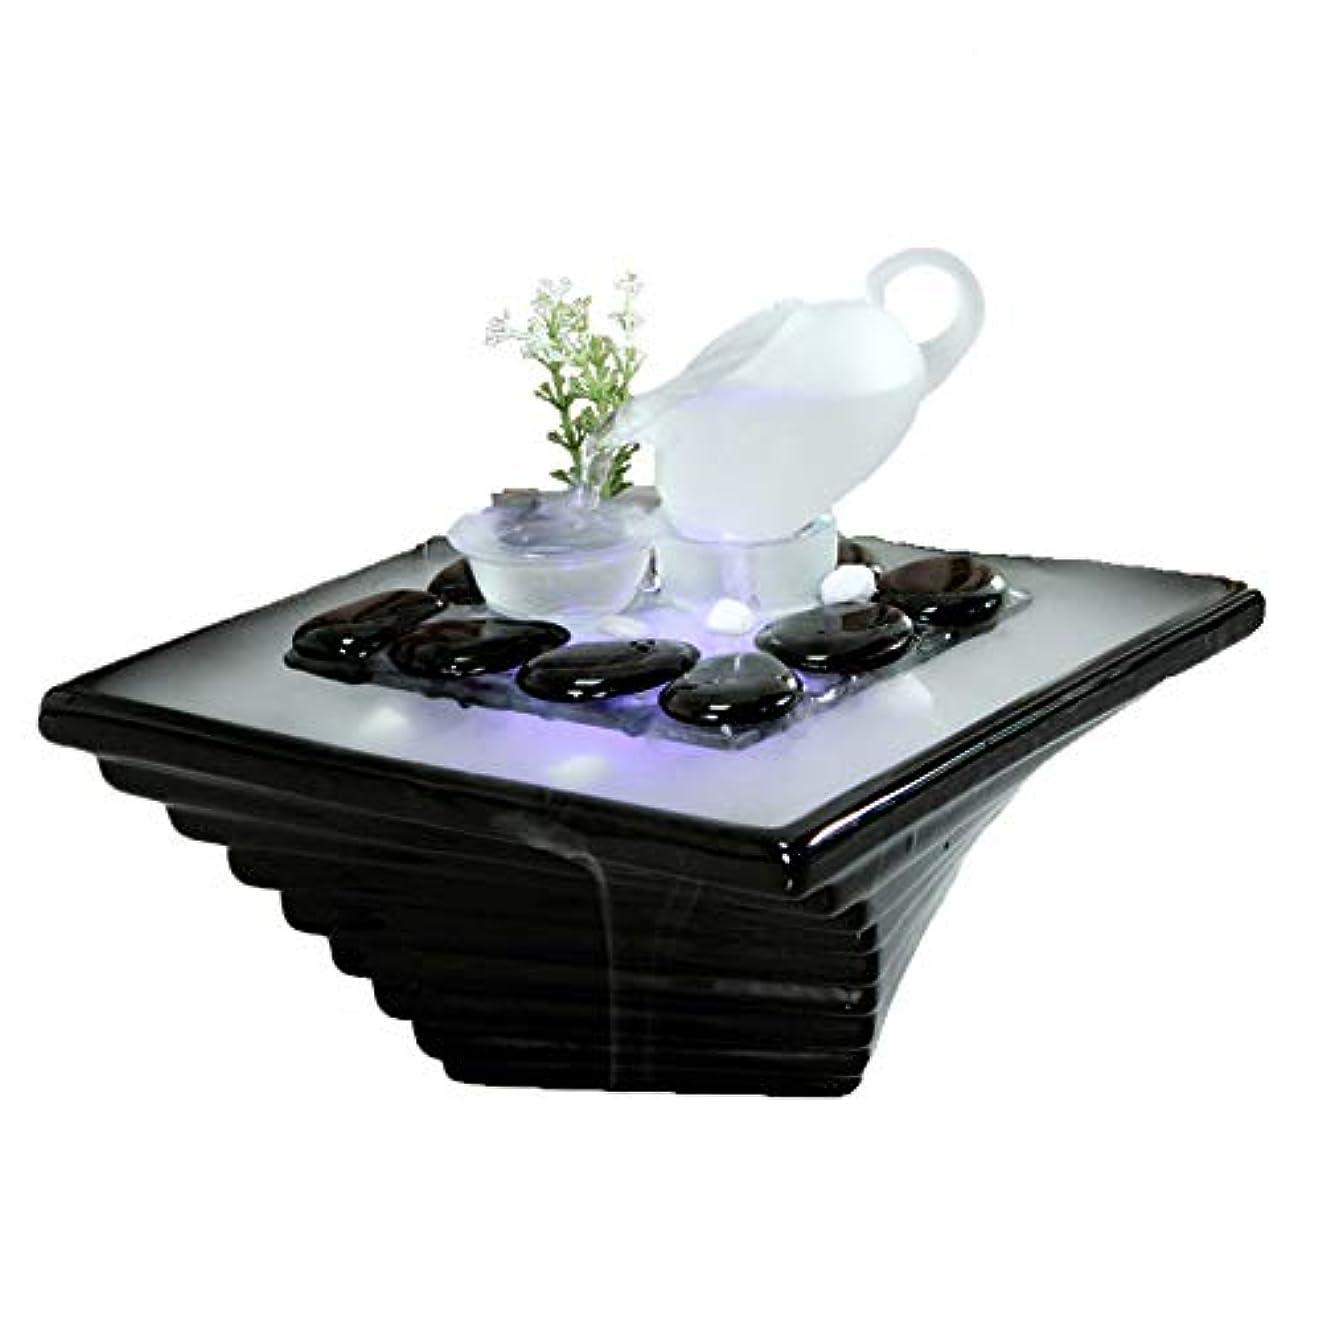 わざわざカテナ振幅エッセンシャルオイルディフューザー空気加湿器セラミッククラフトクリエイティブホームデスクトップ装飾アロマセラピー絶妙なギフト,Black